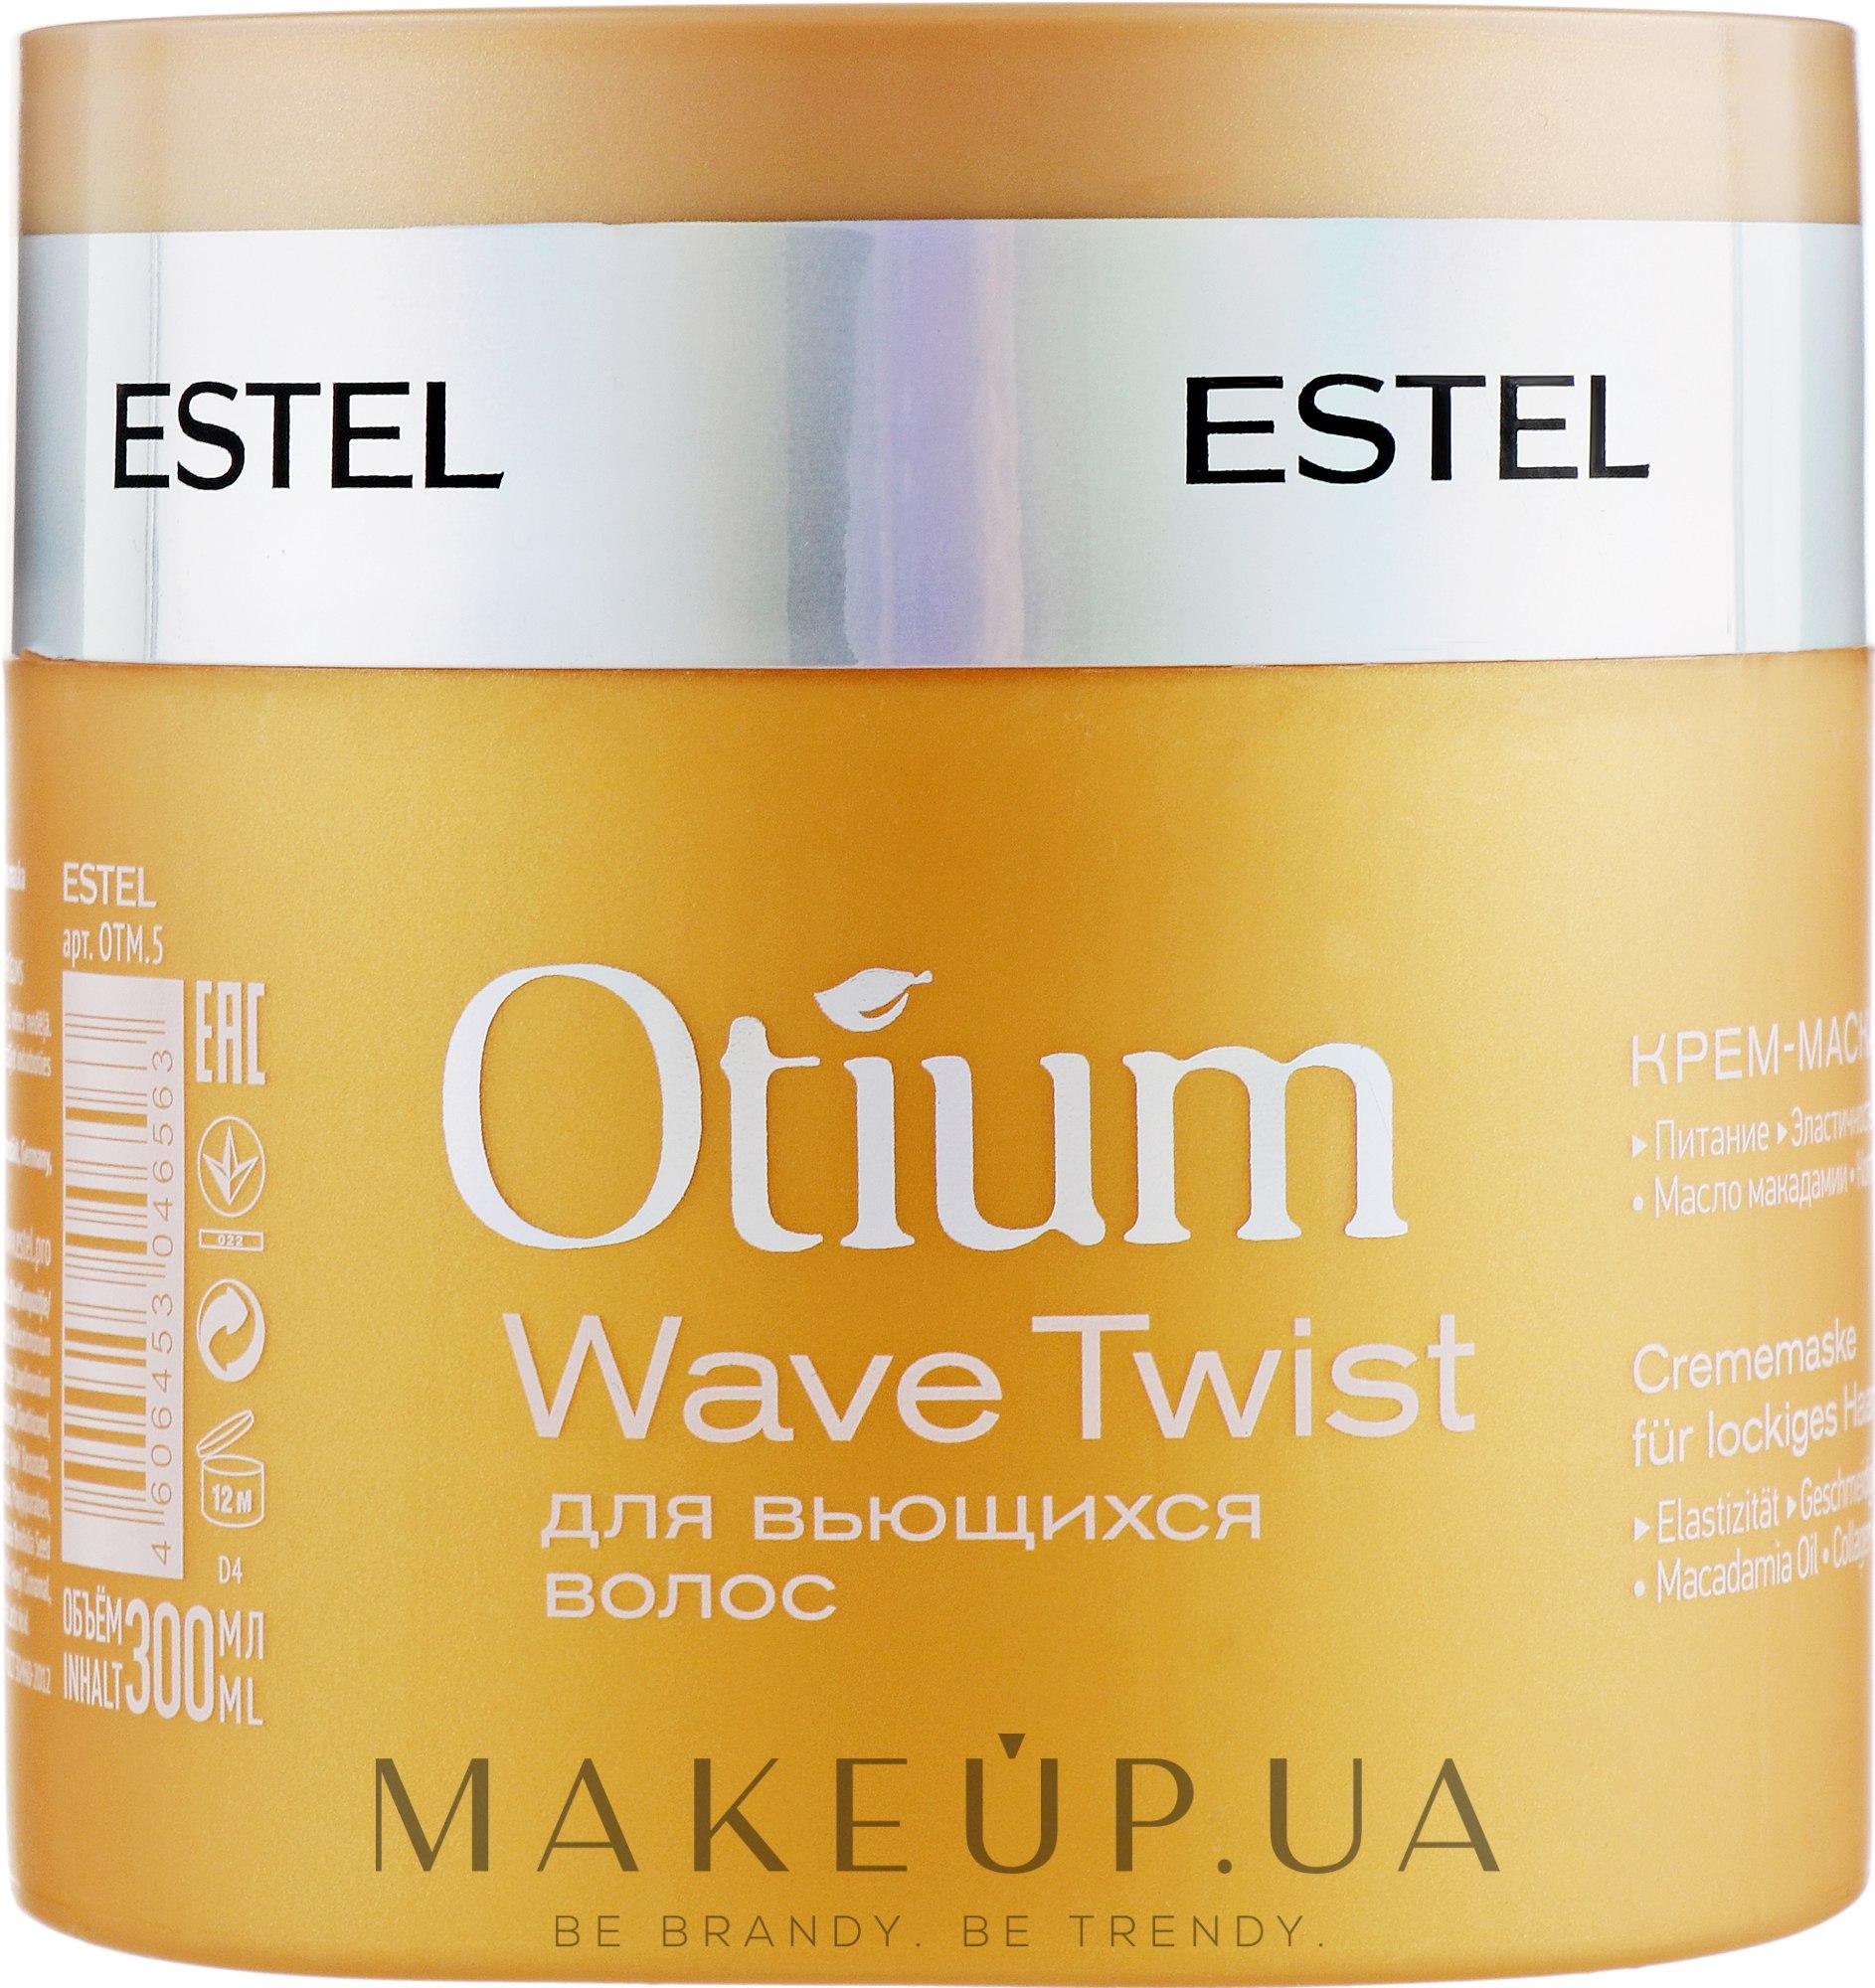 Крем-маска для вьющихся волос - Estel Professional Otium Wave Twist — фото 300ml